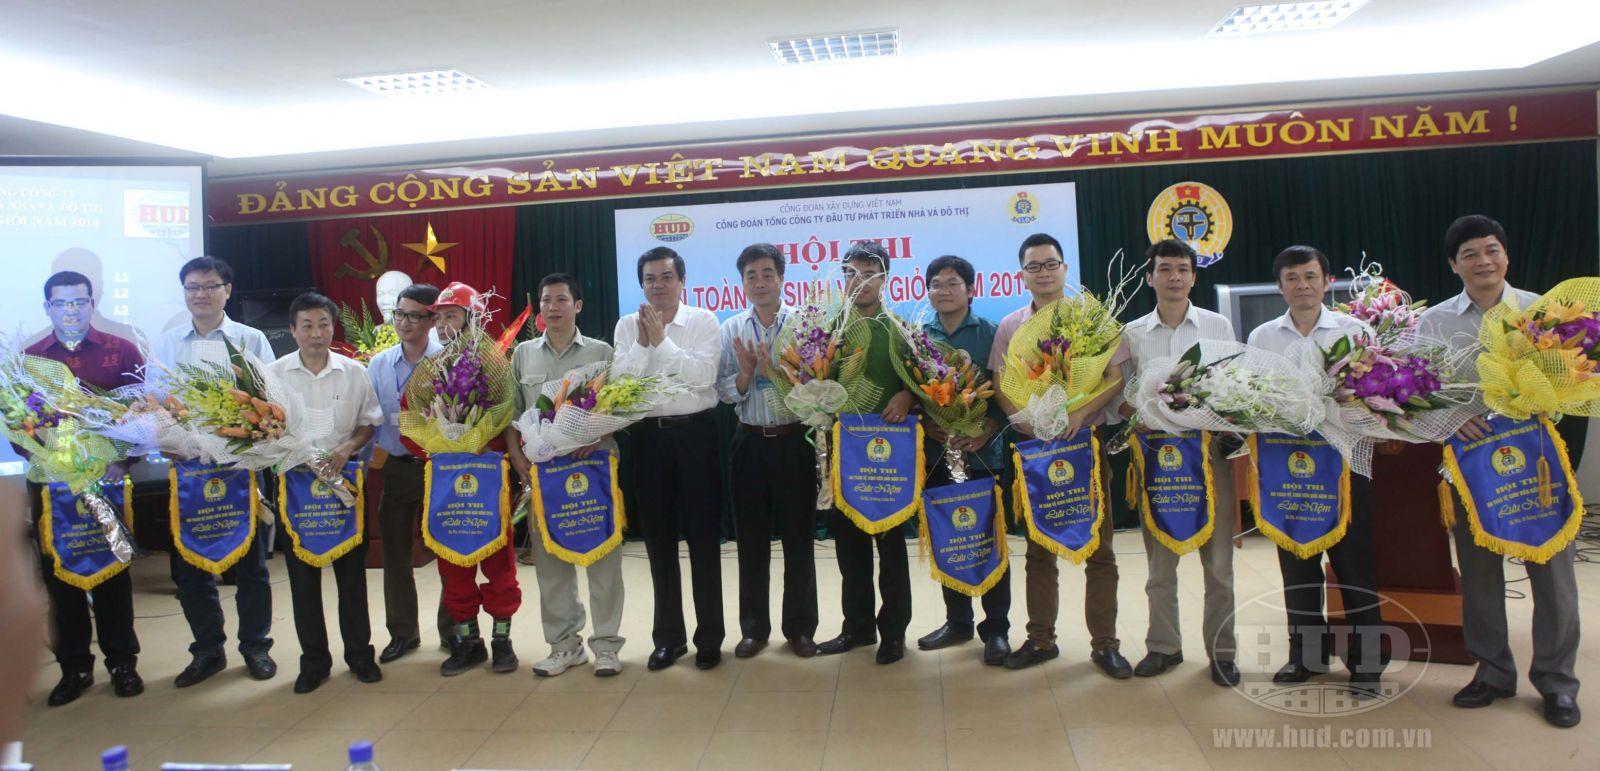 Hội thi An toàn vệ sinh viên giỏi năm 2014 của Tổng công ty HUD thành công tốt đẹp